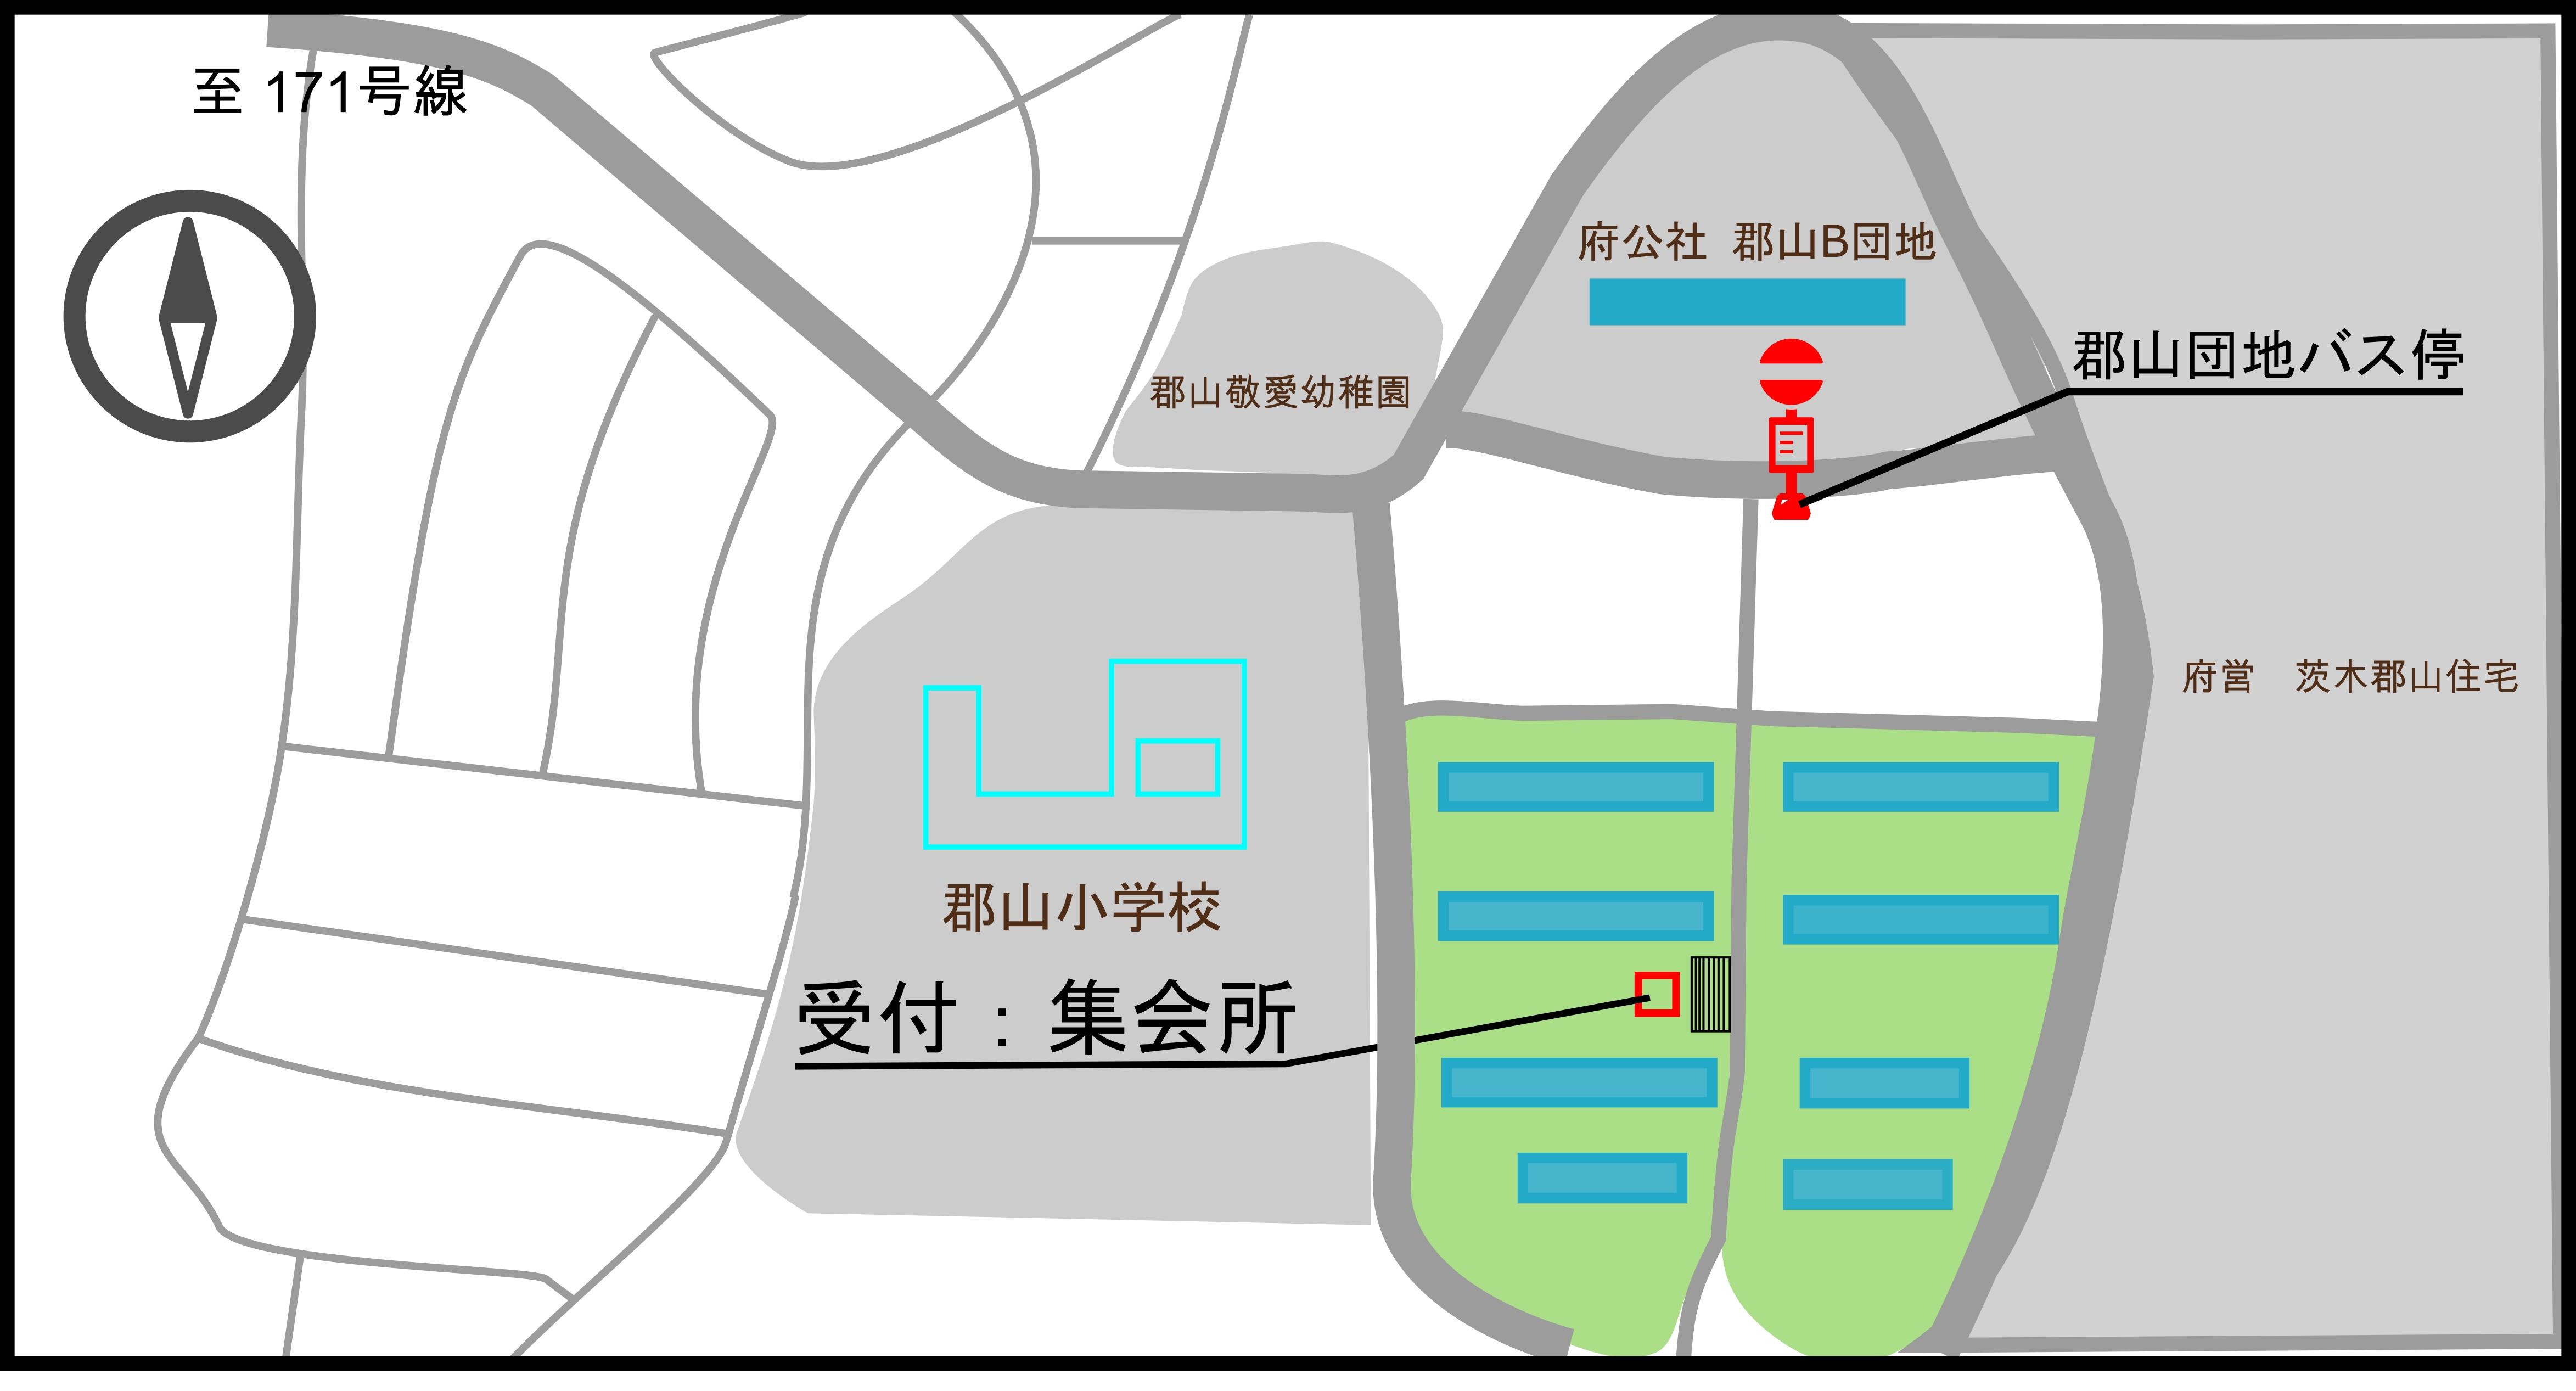 開催場所の地図